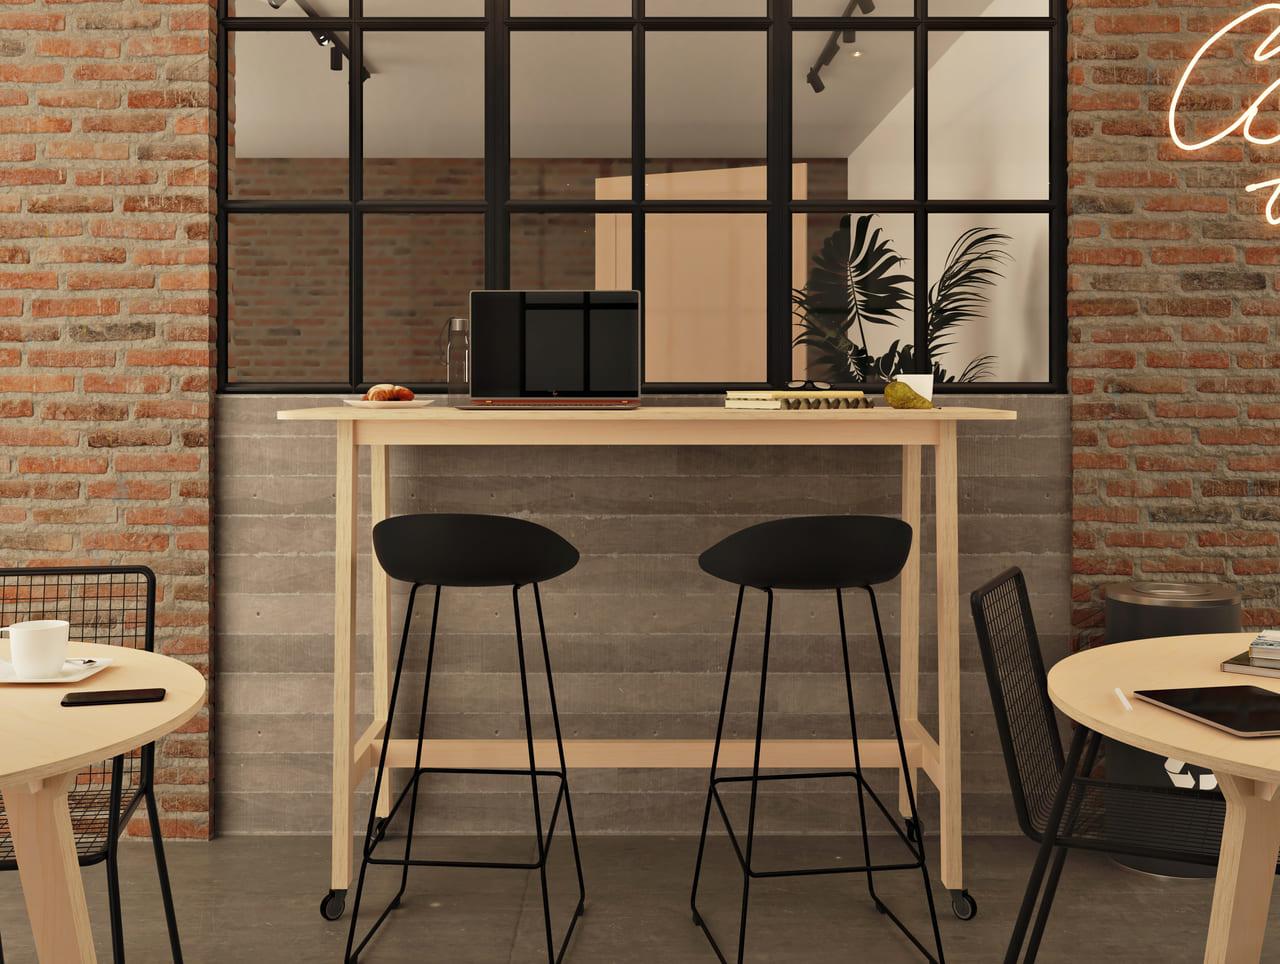 Mange debout en bois clair dans une salle de pause au style industriel avec une verrière aux contours noirs, des briques et des plantes vertes